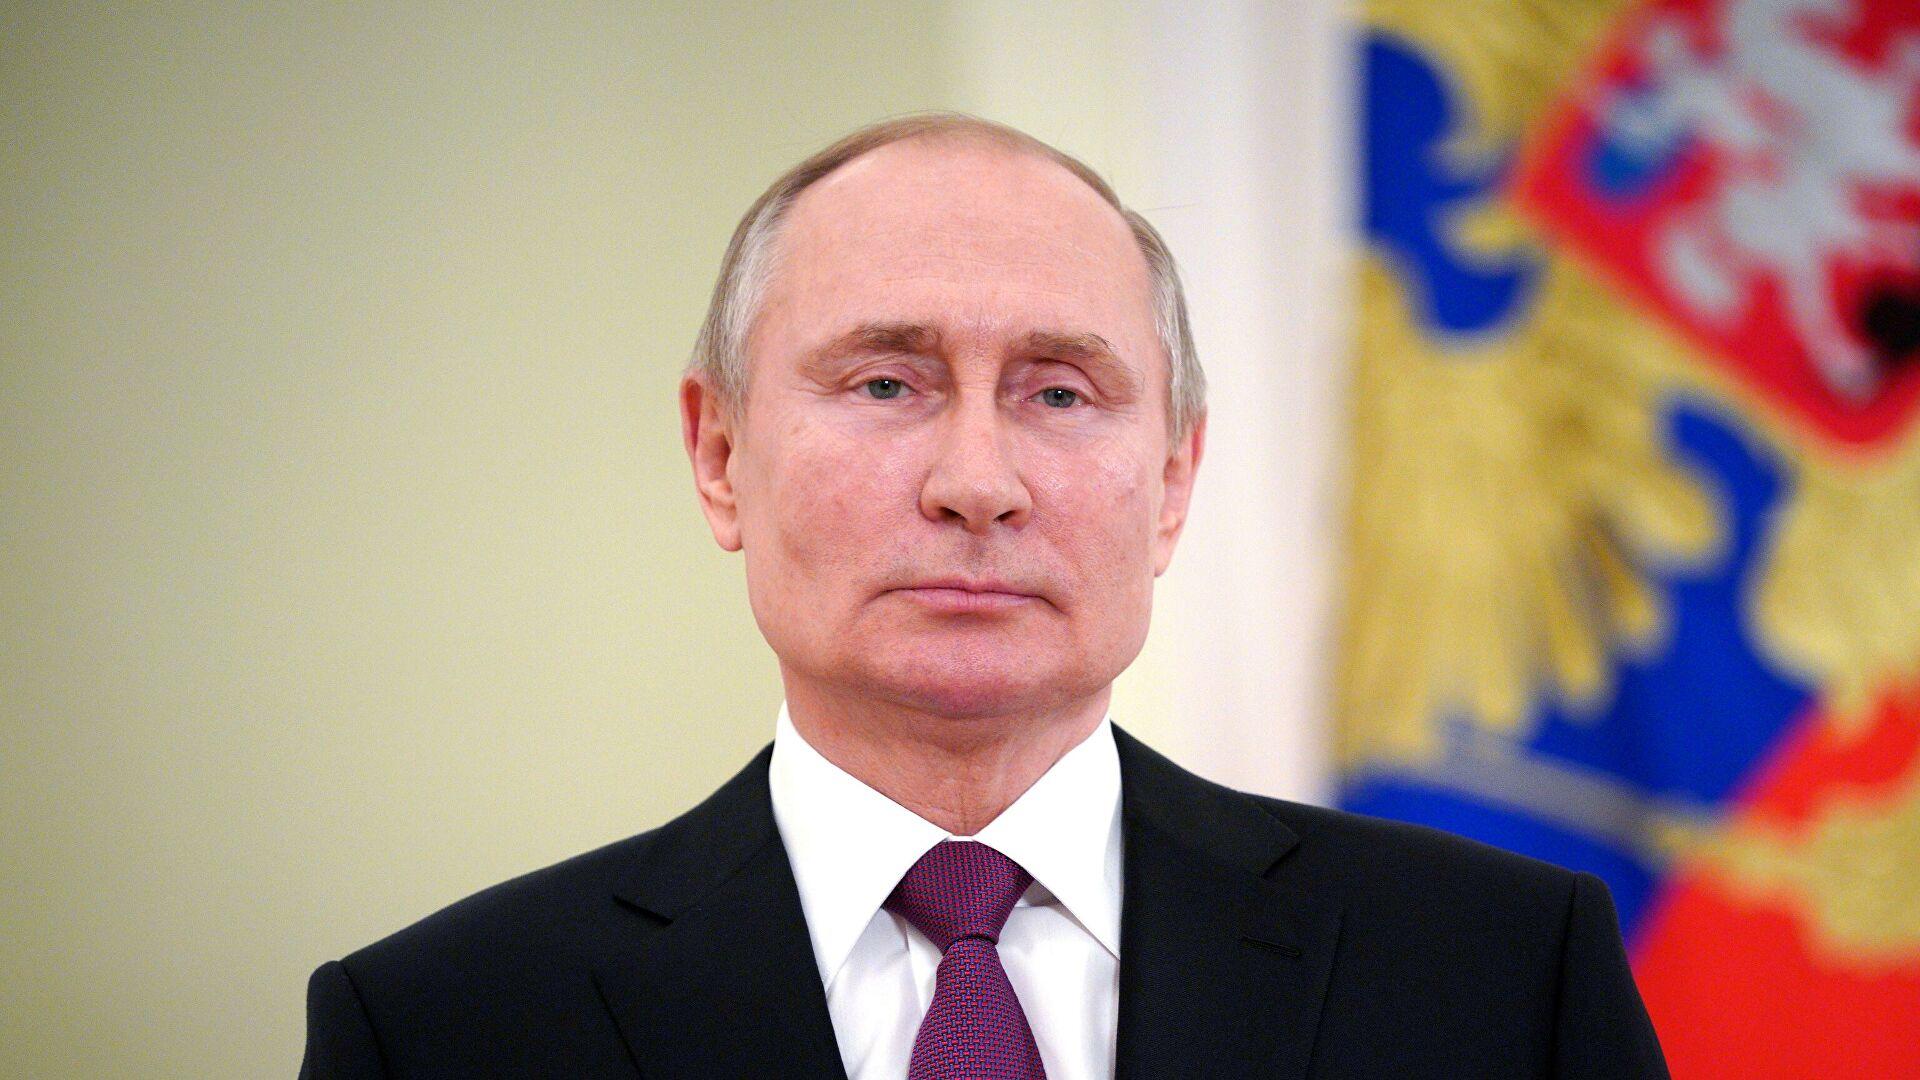 Путин: Мы зубы выбьем всем так, чтобы они не могли кусаться